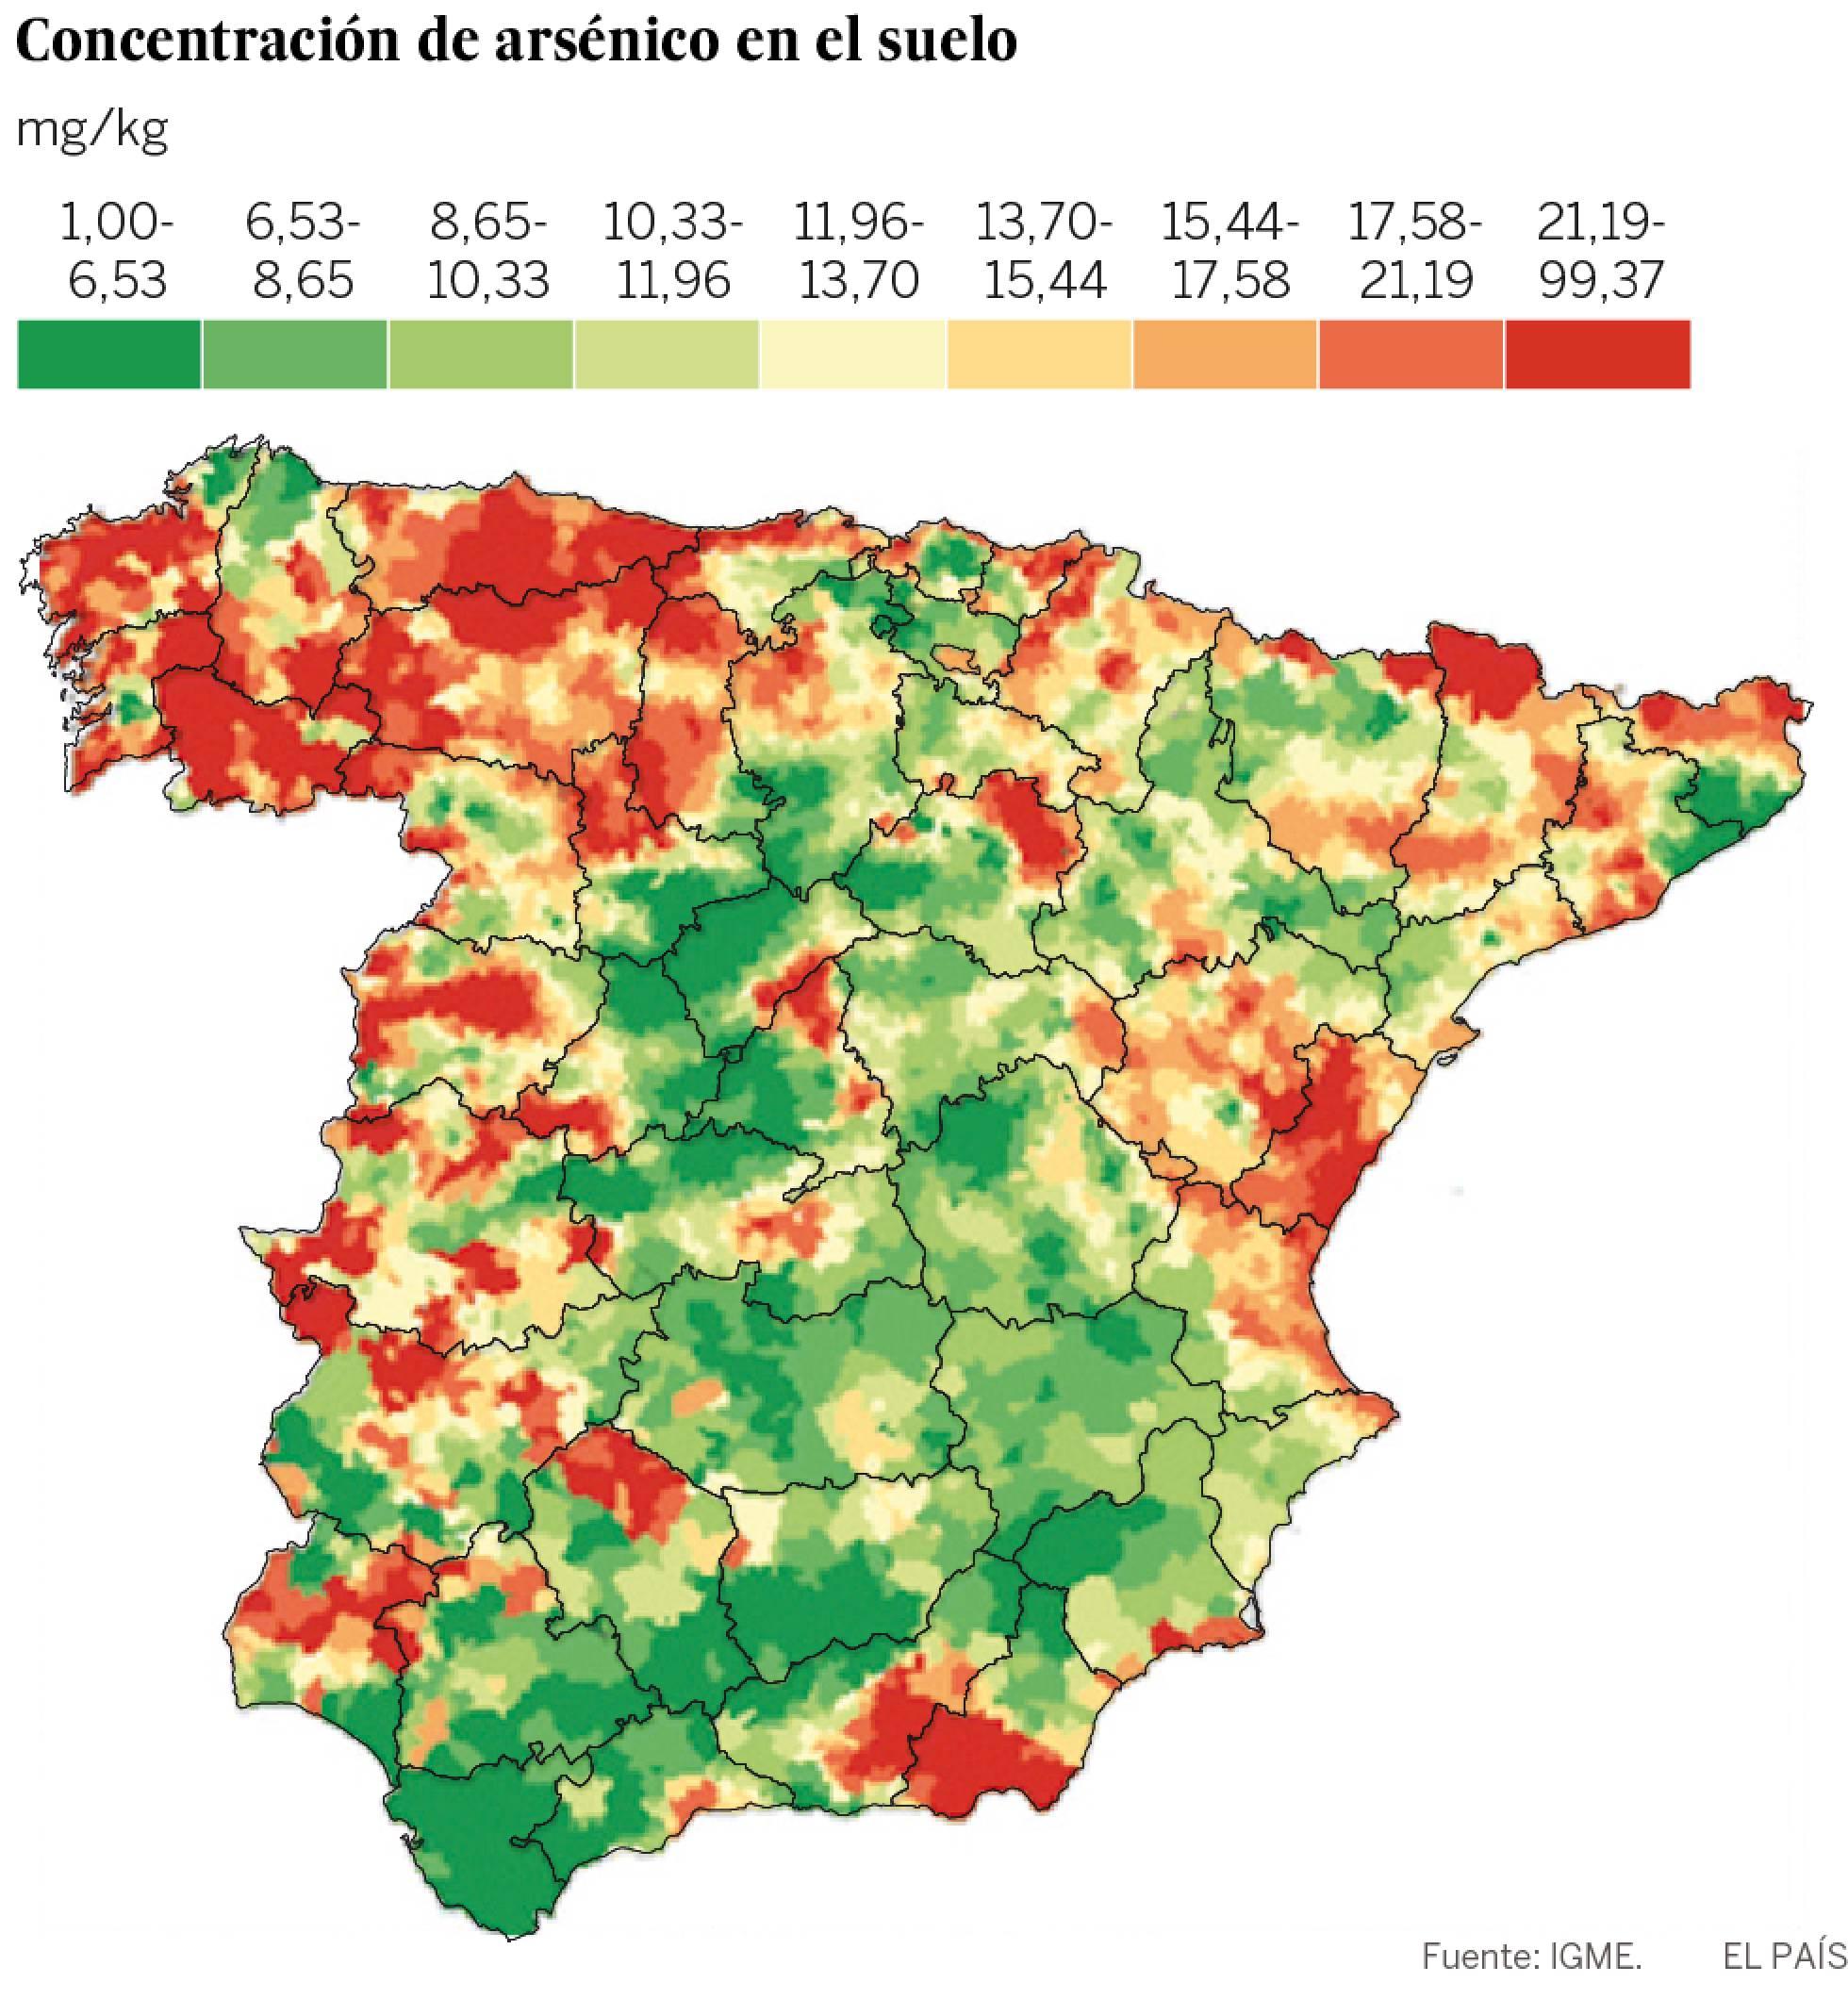 El mapa del arsénico se asocia a un mayor riesgo de cáncer en España 1467135035_604531_1467213564_noticia_normal_recorte1